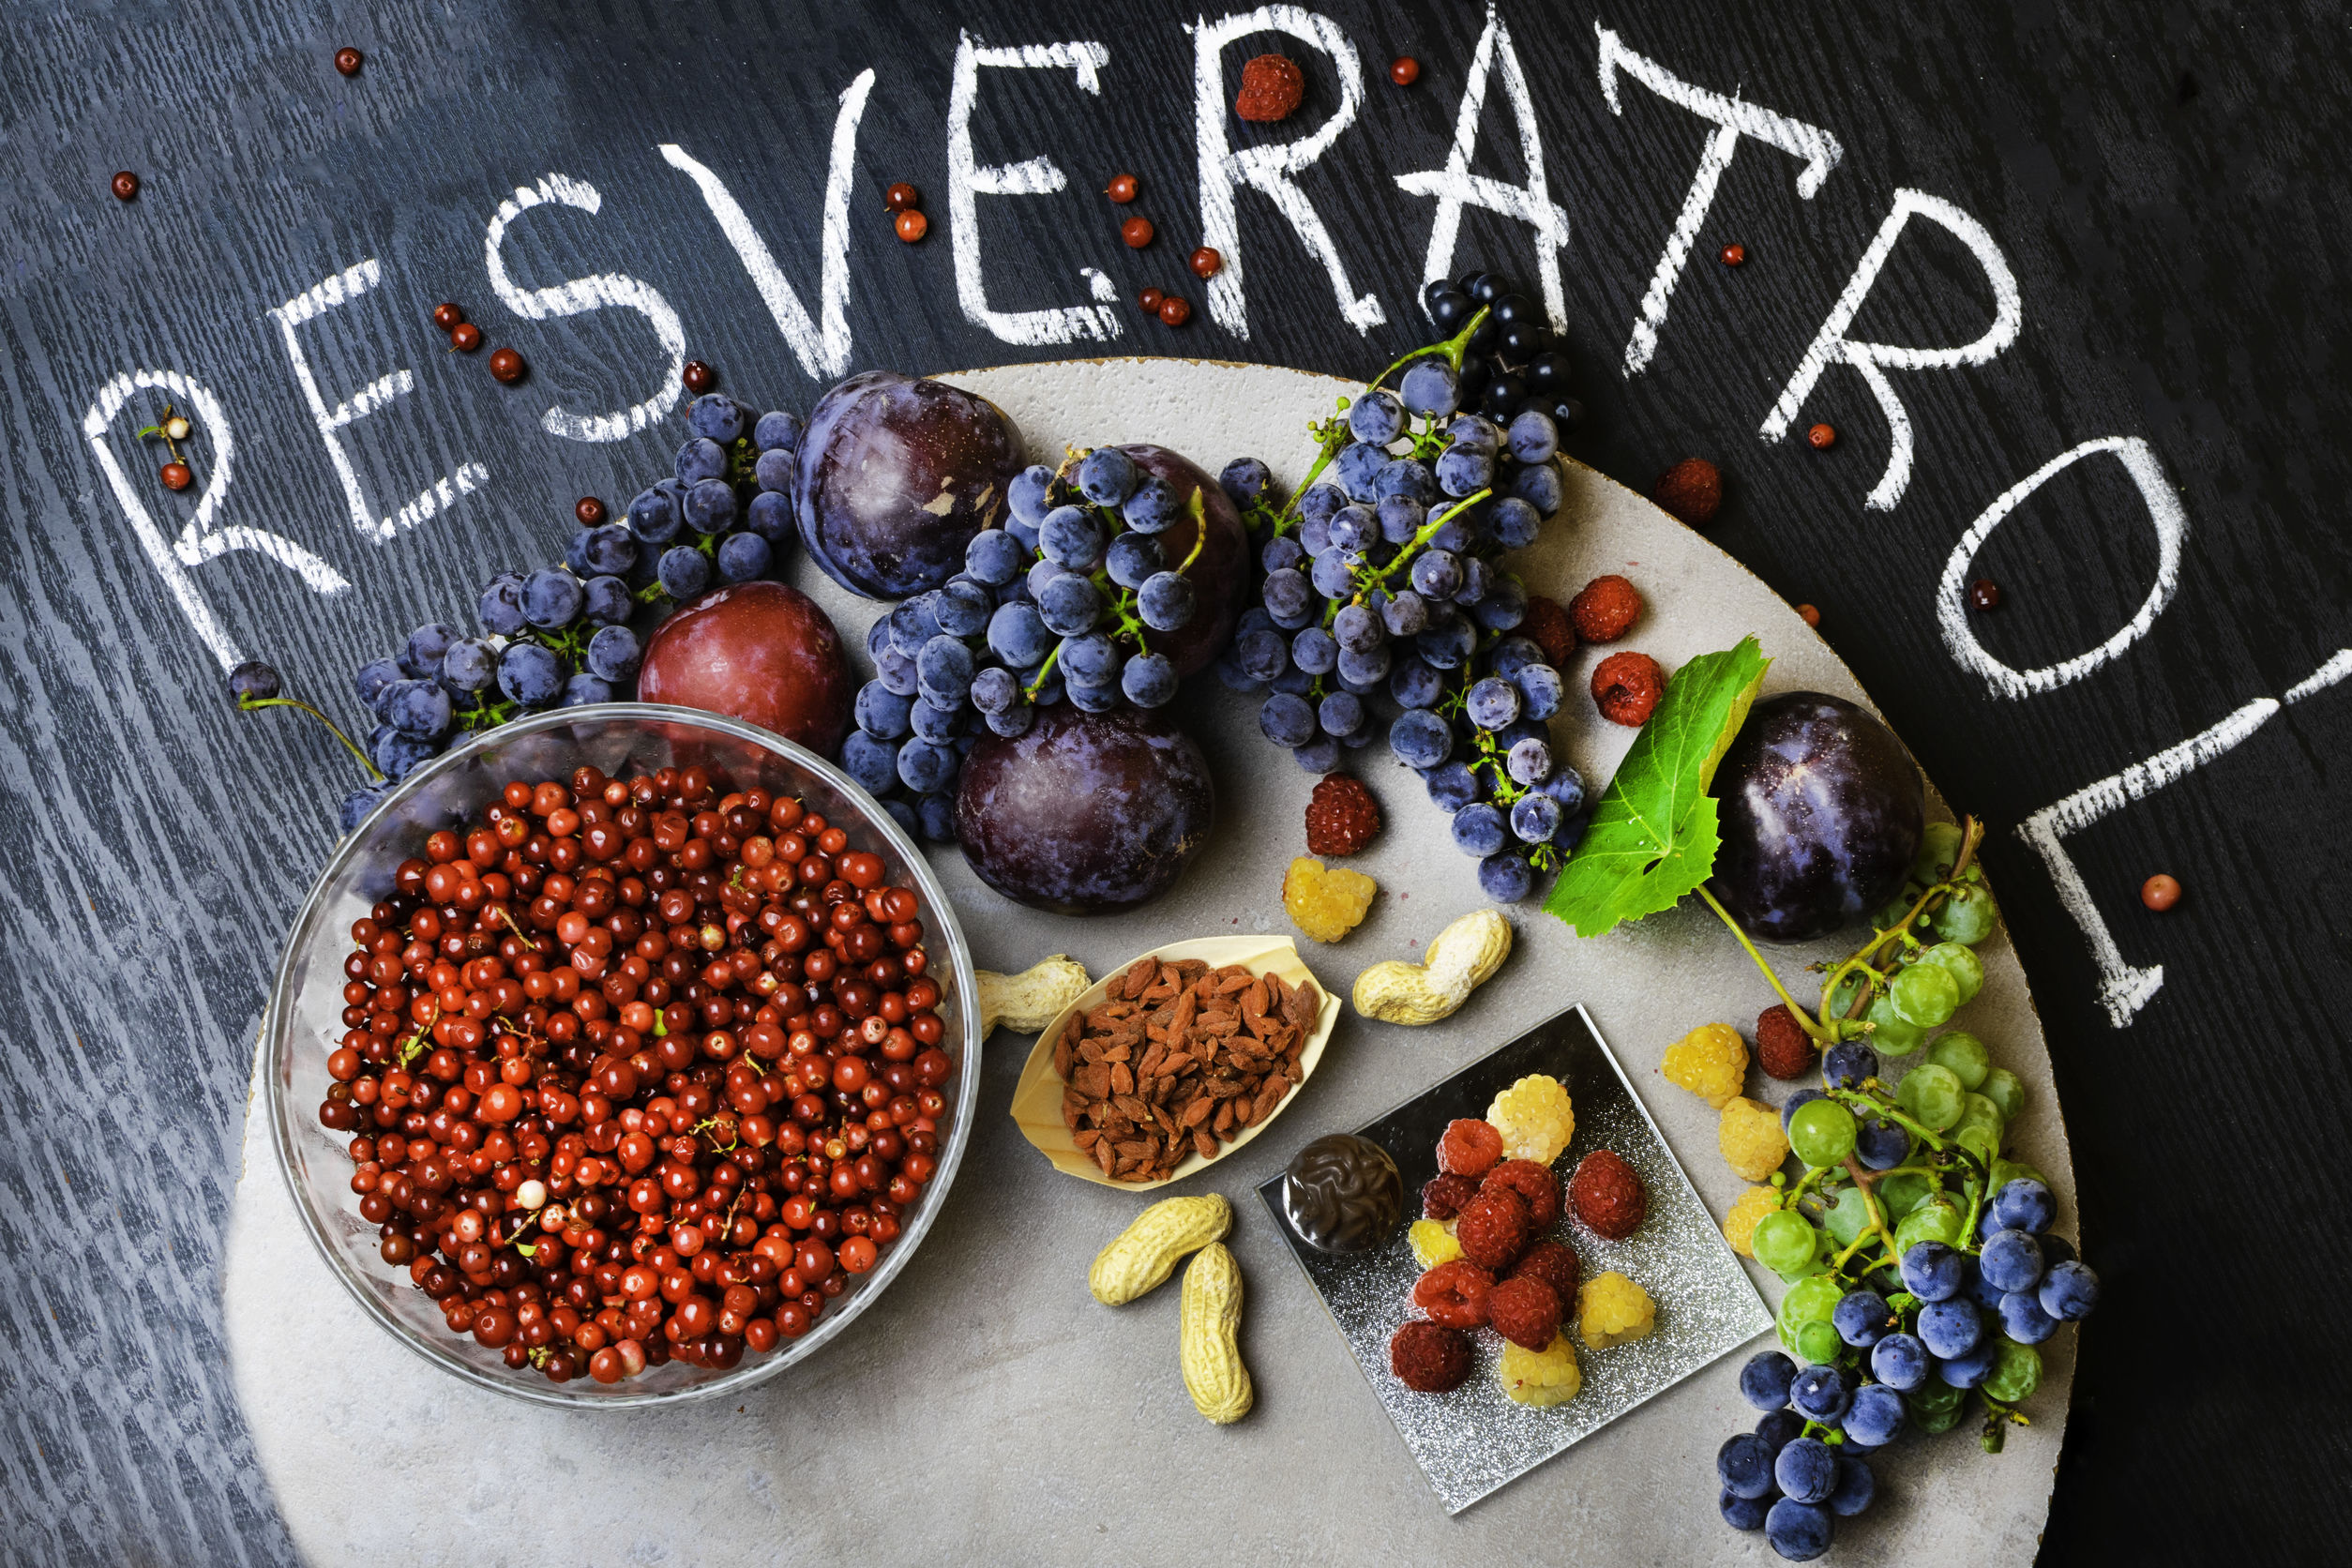 Frutas vermelhas com o escrito: Resveratrol.